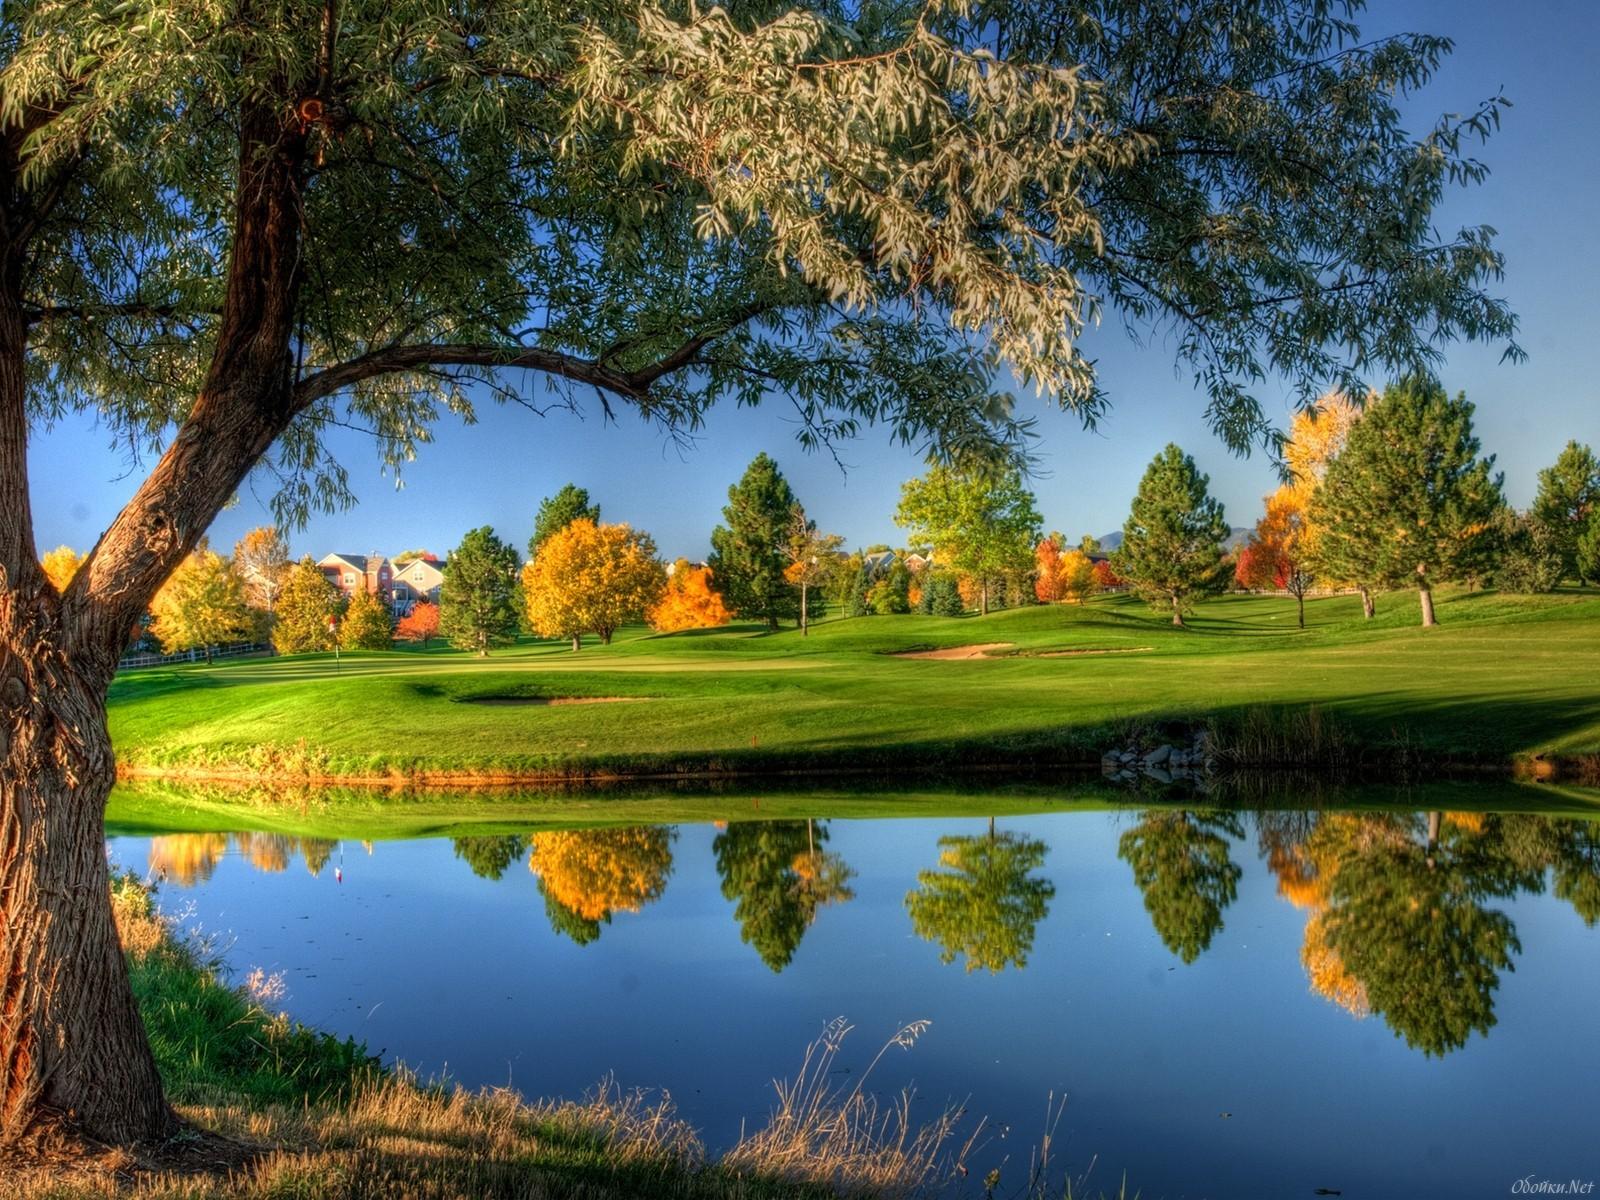 20740 Заставки и Обои Осень на телефон. Скачать Осень, Пейзаж, Деревья, Река картинки бесплатно